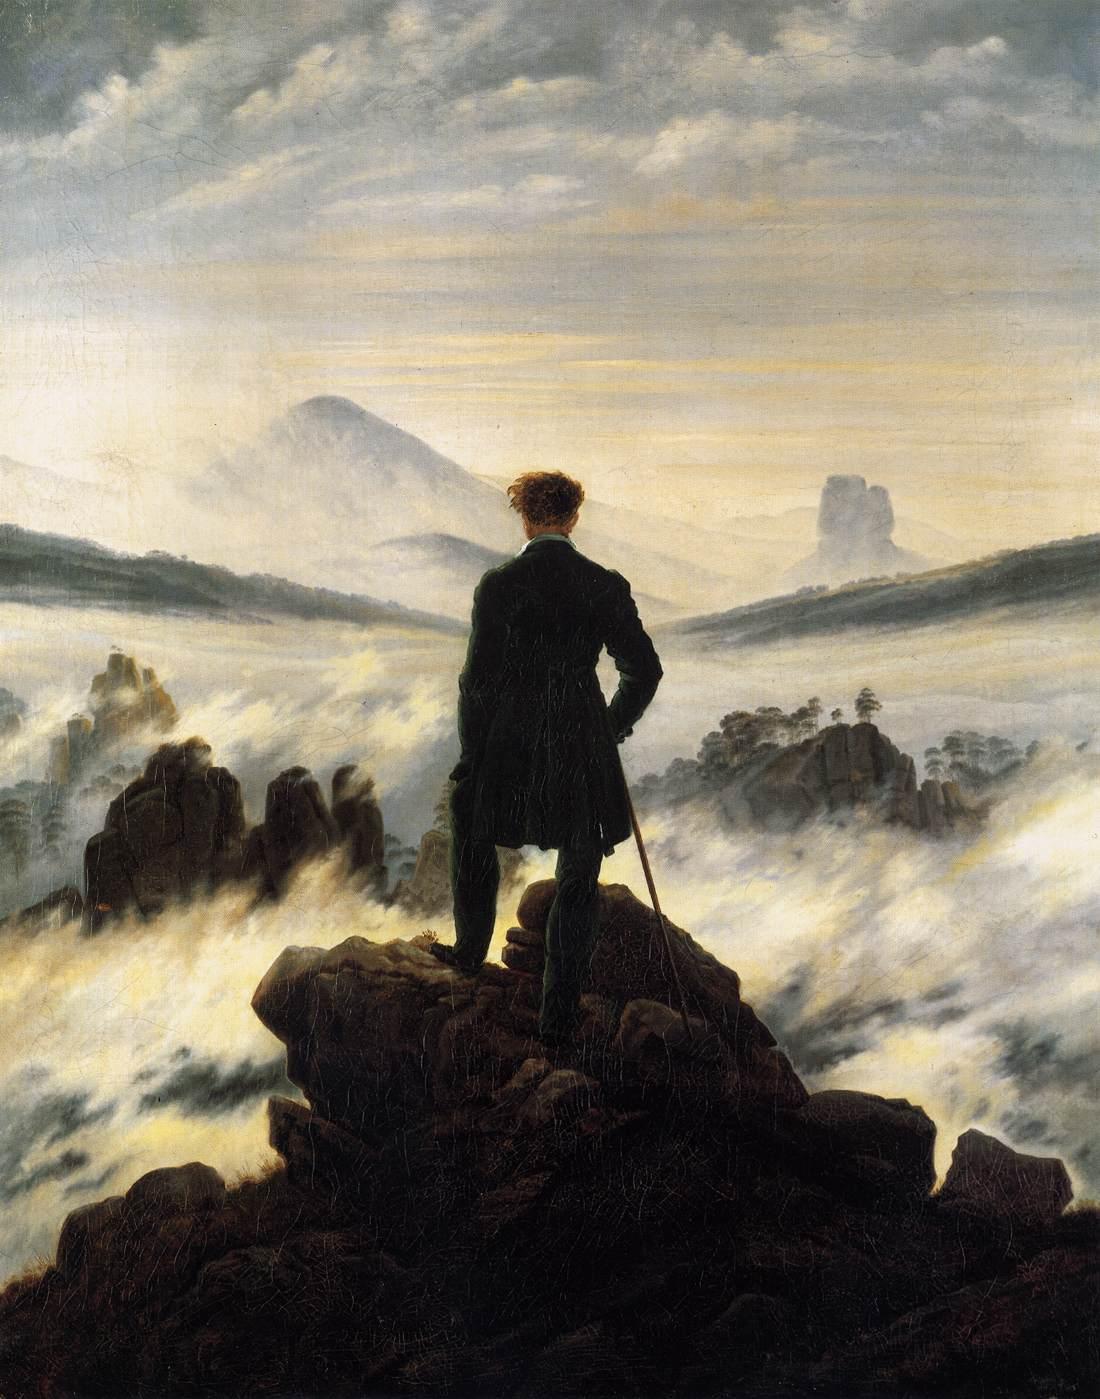 Viajante Acima de um mar de nuvens. Caspar-David Friedrich, 1818